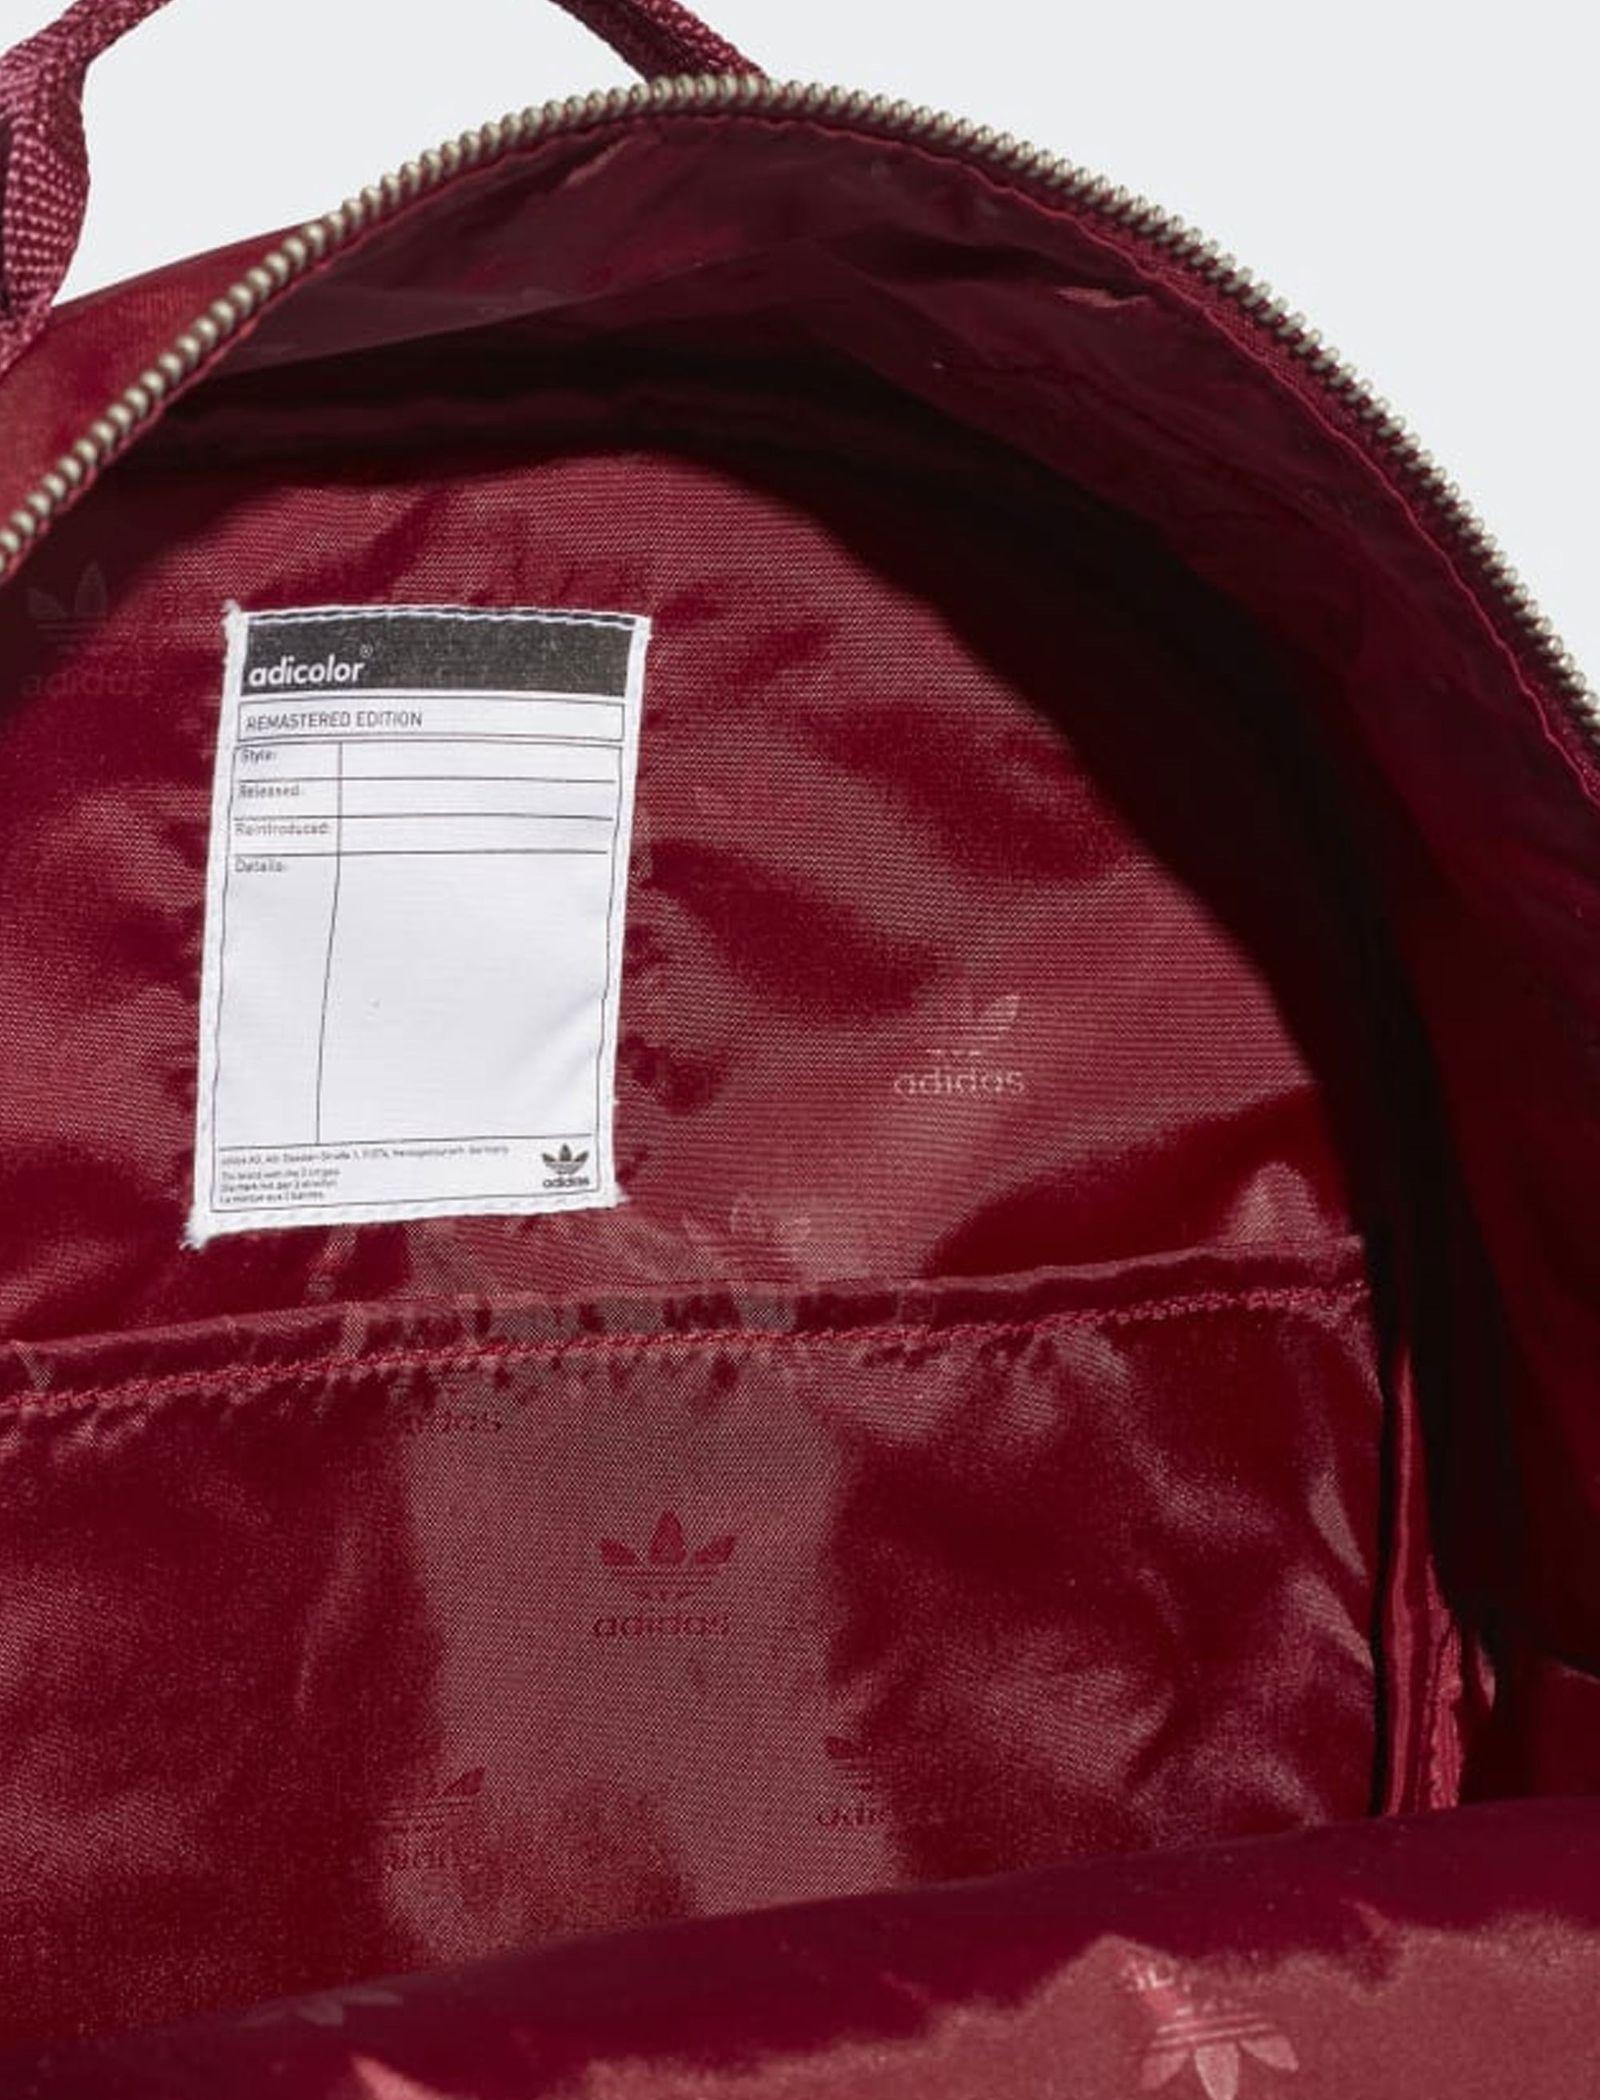 کوله پشتی روزمره بزرگسال Classic - آدیداس تک سایز - قرمز تيره - 4